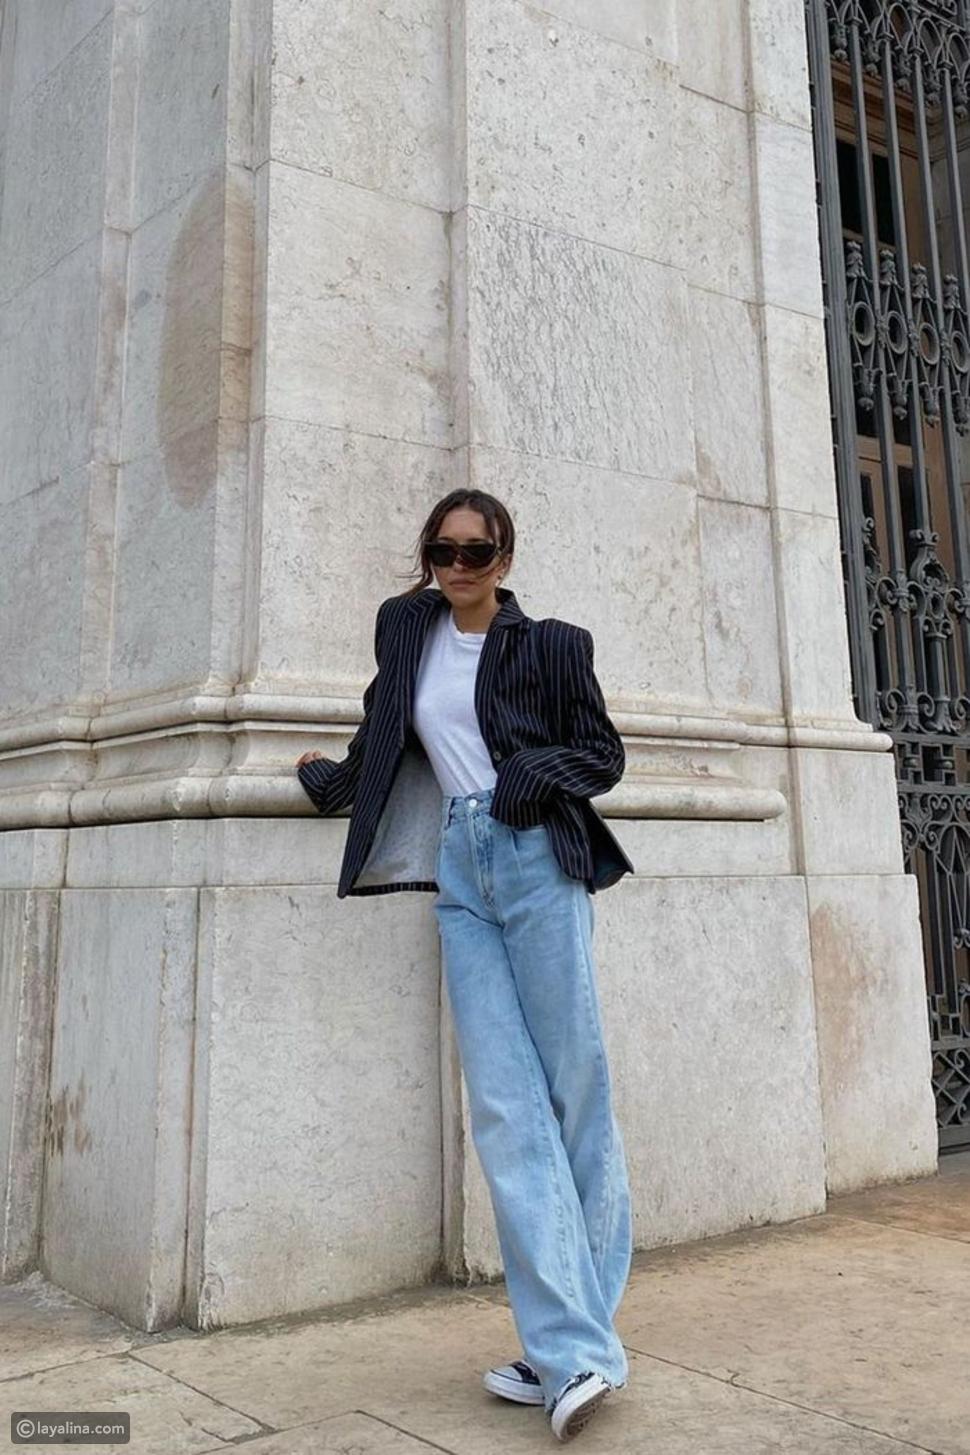 جينز واسع مع سترة كبيرة الحجم